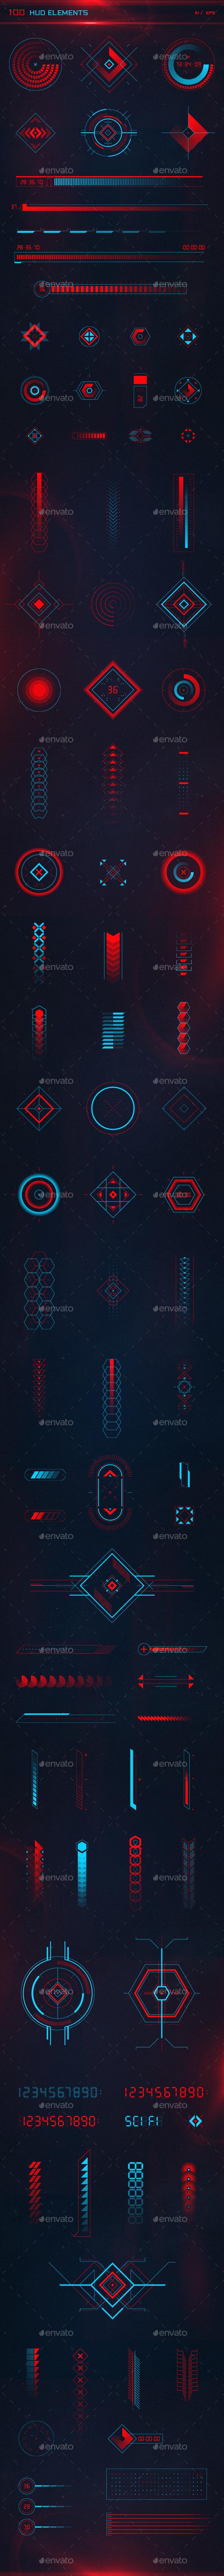 100 HUD Elements AI/EPS - Decorative Symbols Decorative